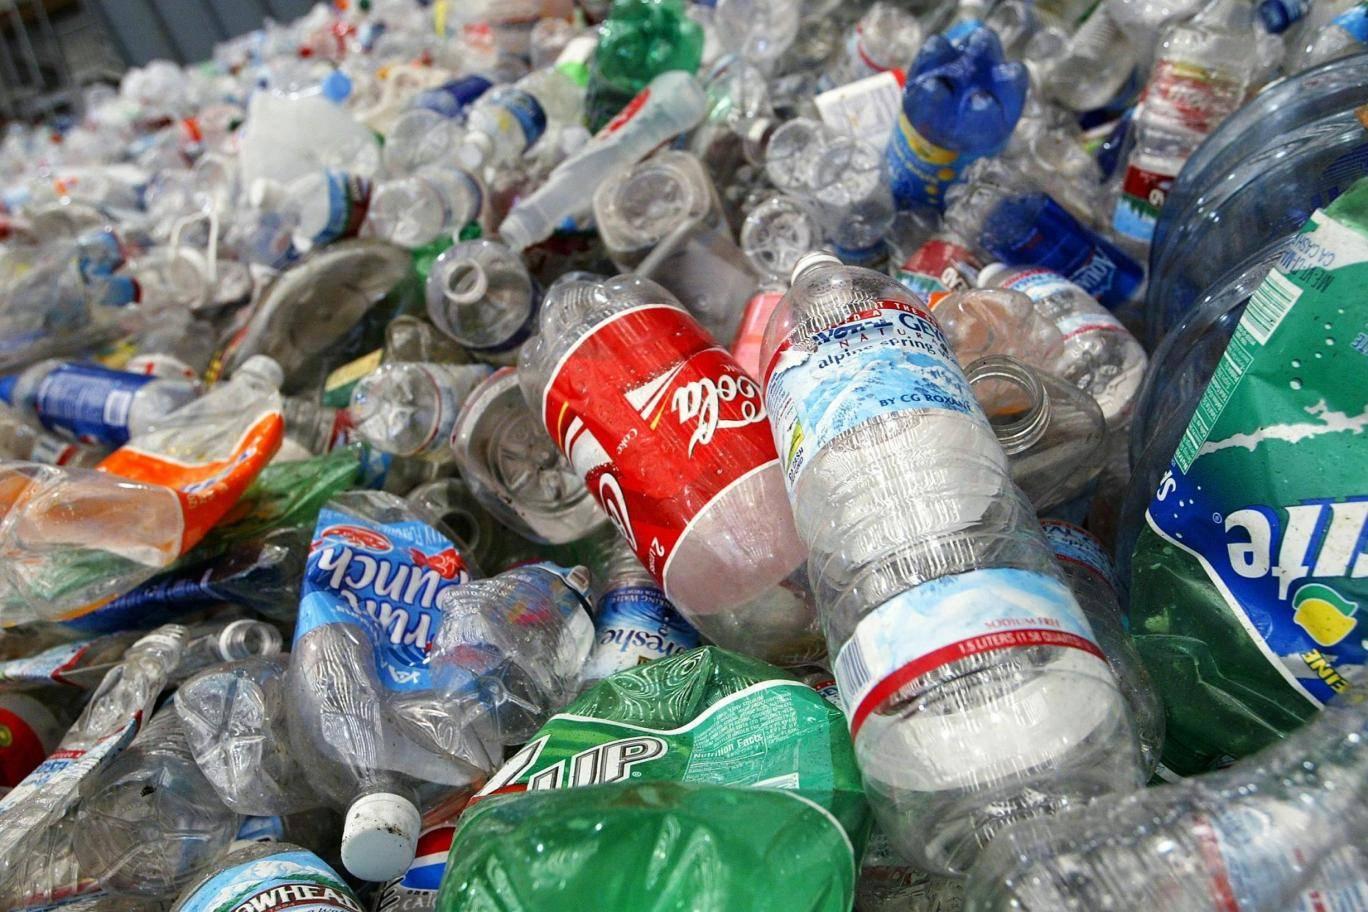 دفع مبالغ للبريطانيين من أجل إعادة التدوير تحت مشروع إعادة إيداع الزجاجات الحكومى الجديد.